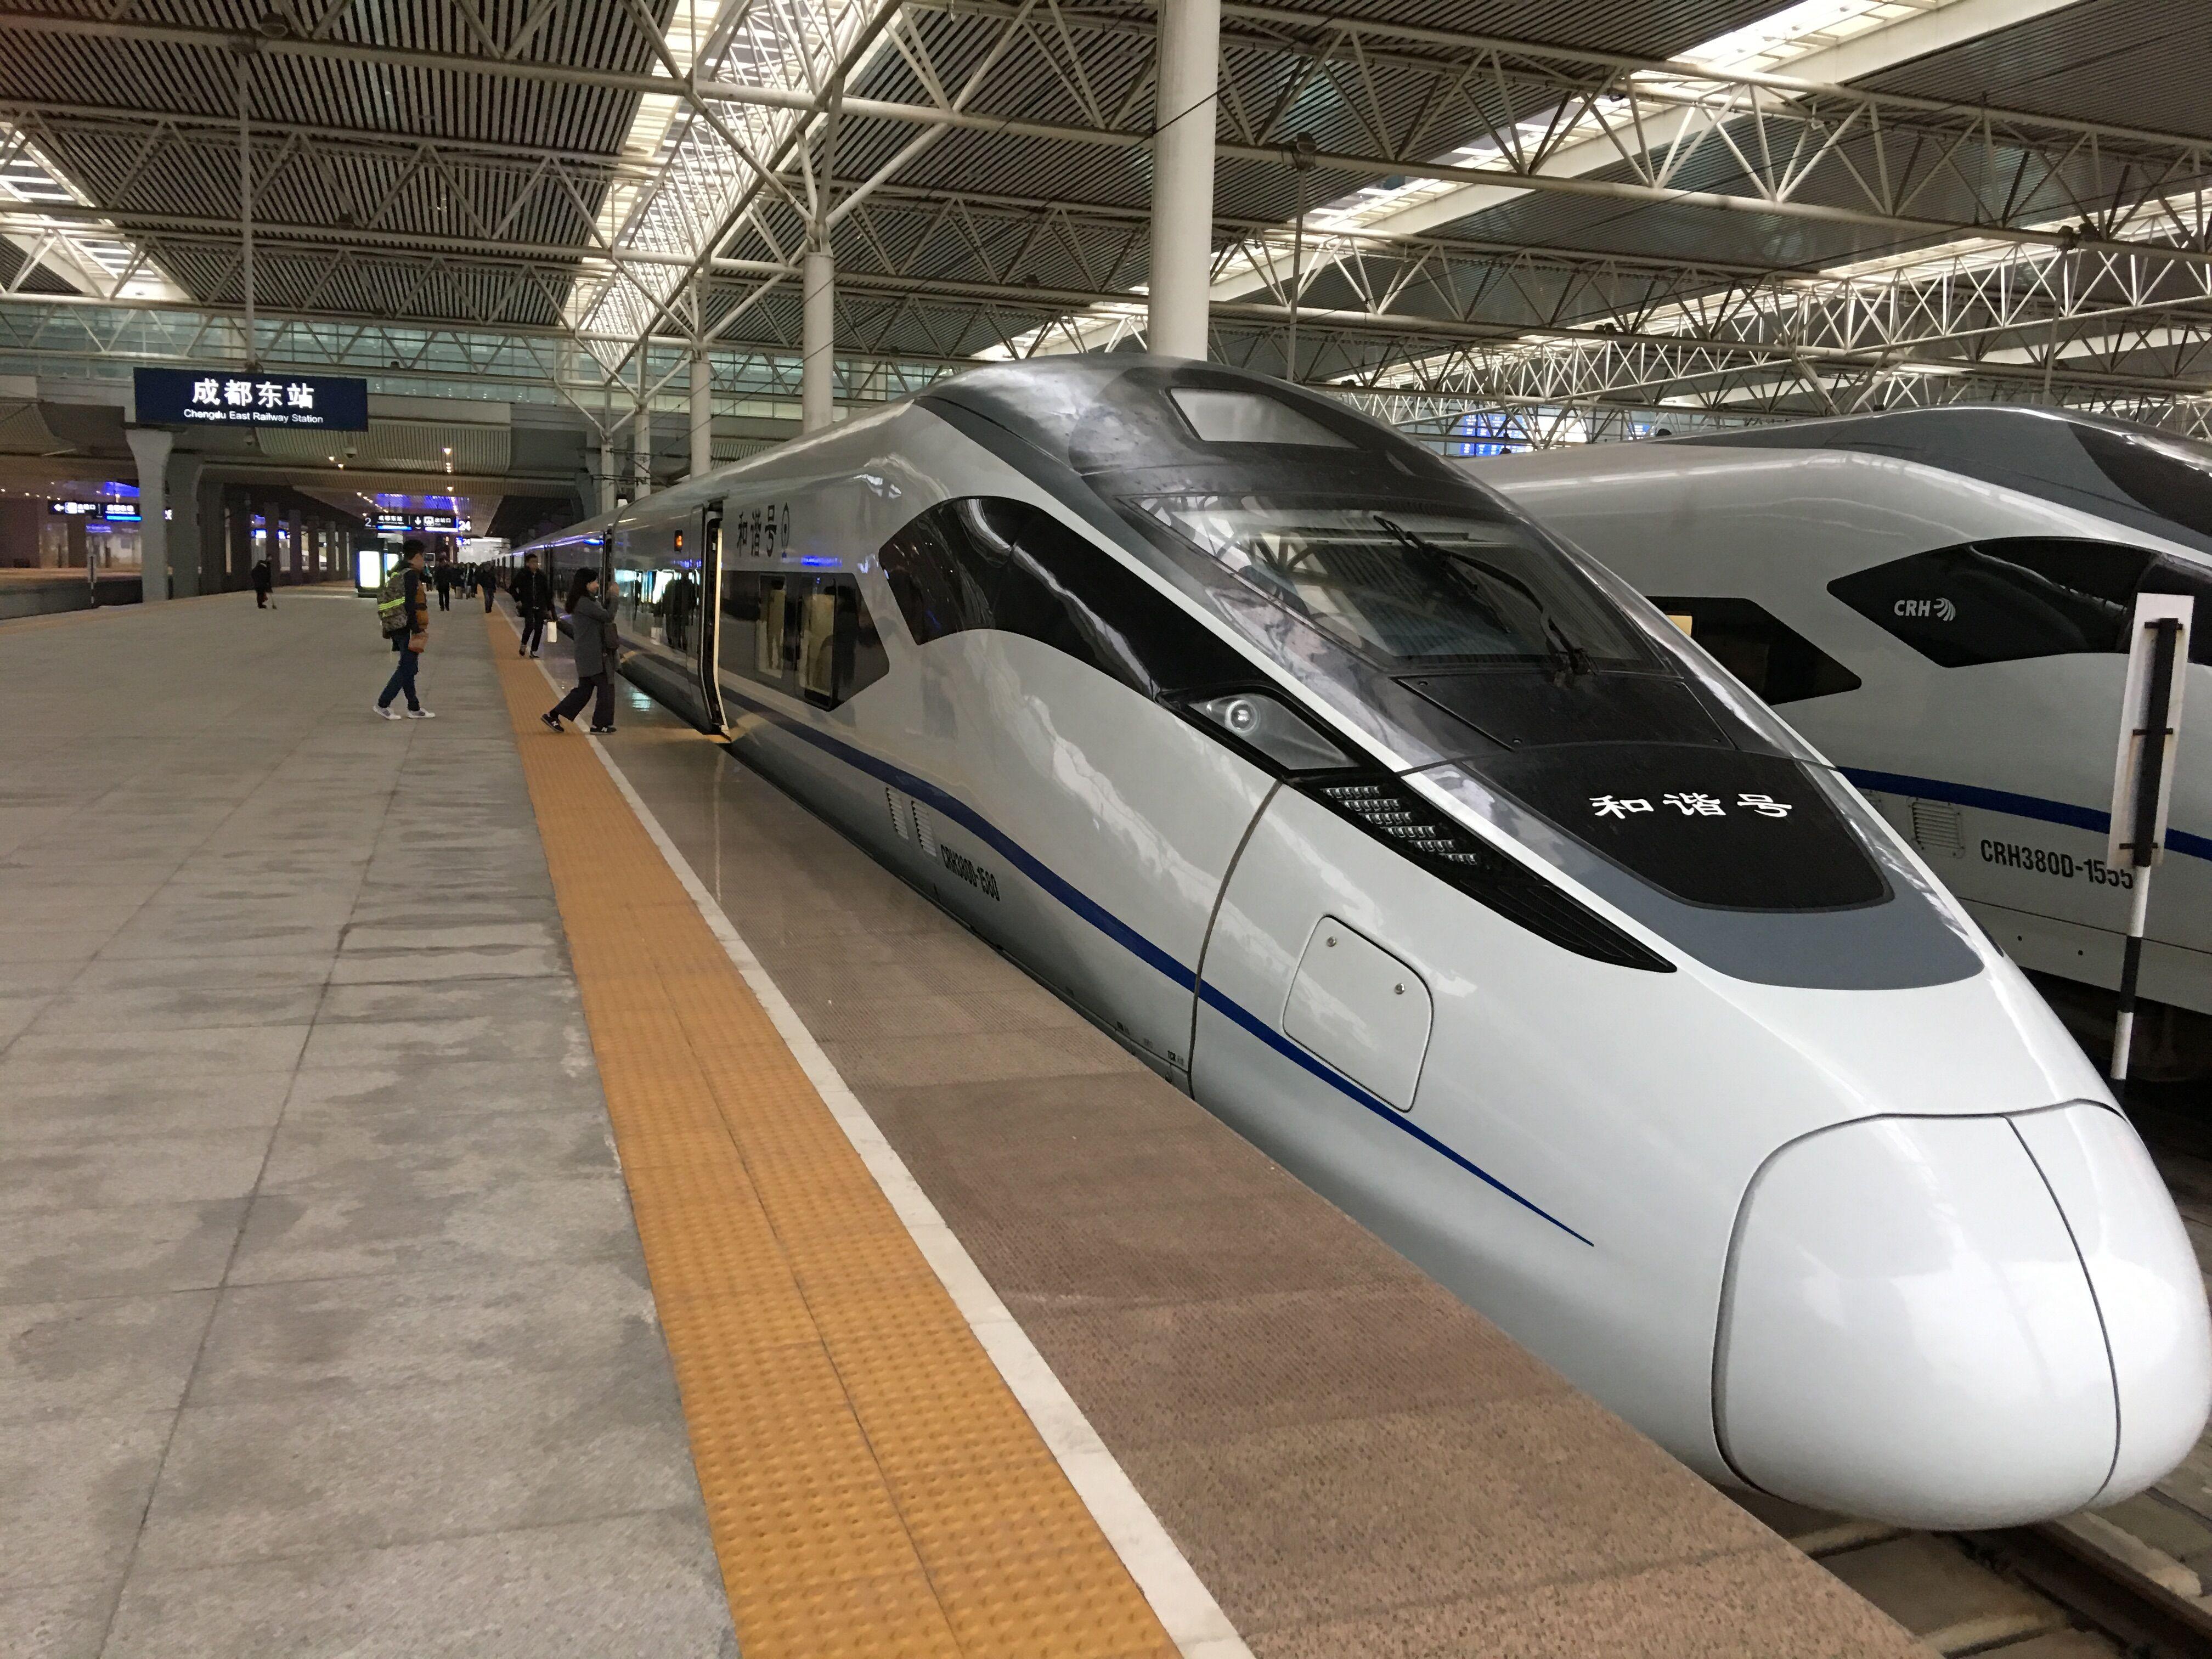 高铁动车票高铁_动车,高铁,直达快车指的是什么字母开头的火车-高铁动车D,G,Z,K ...